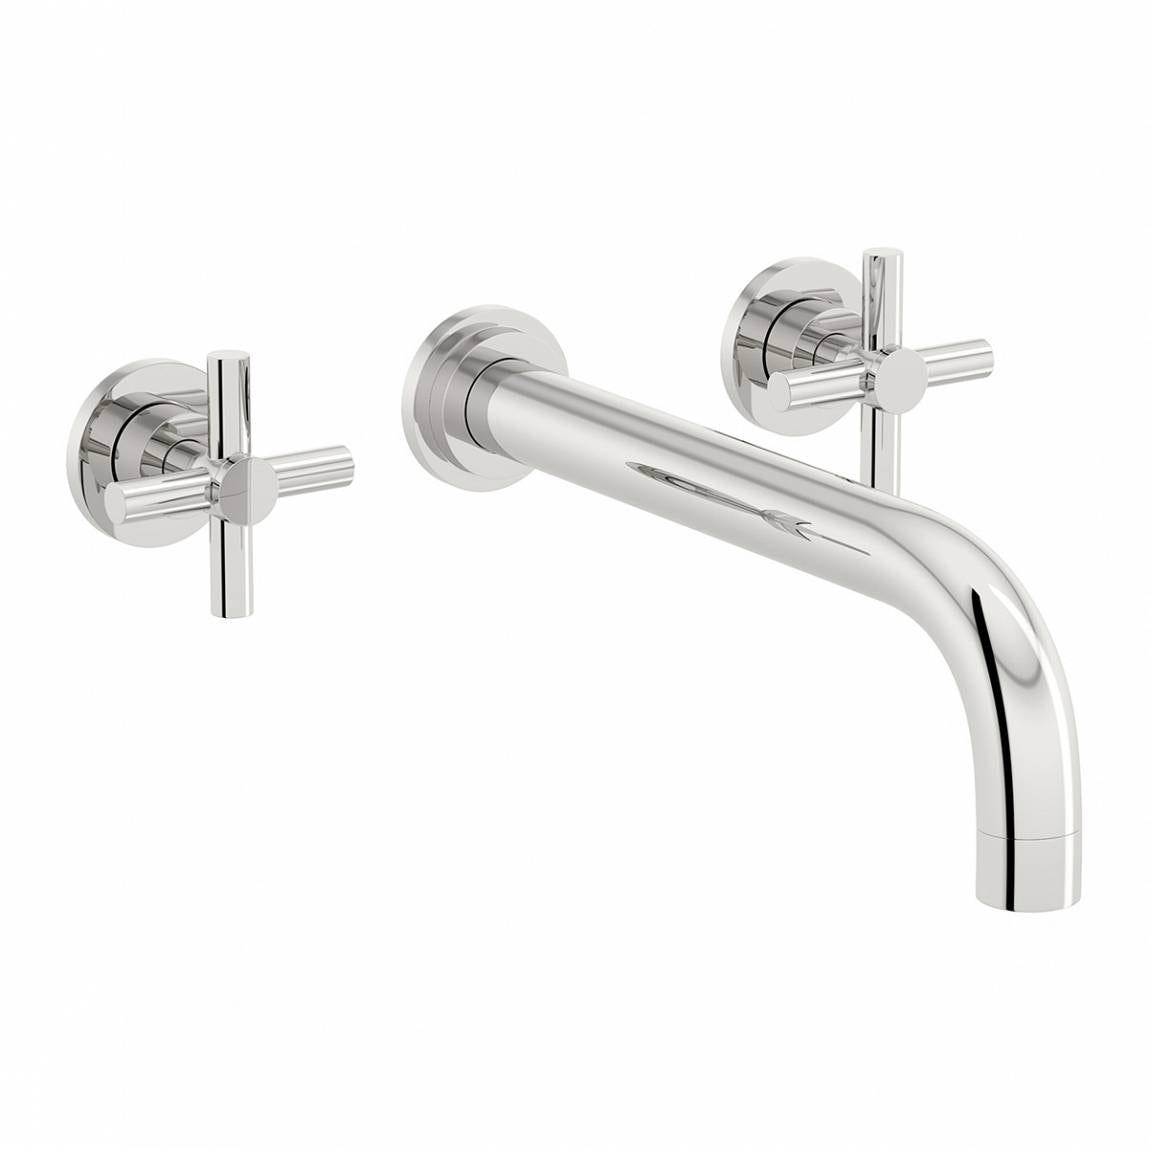 Mode Tate wall mounted bath filler tap